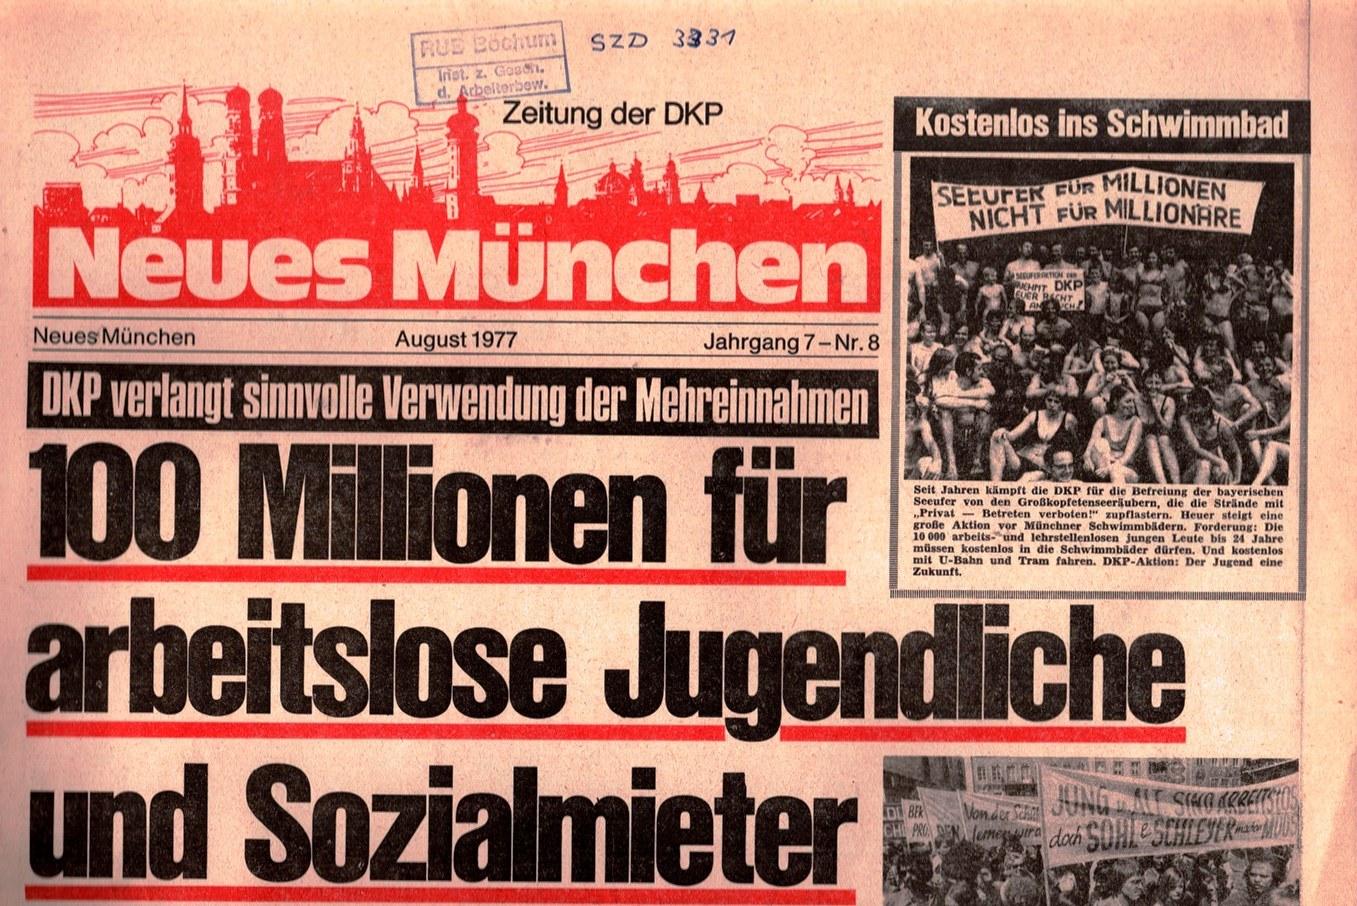 Muenchen_DKP_Neues_Muenchen_19770800_008_001